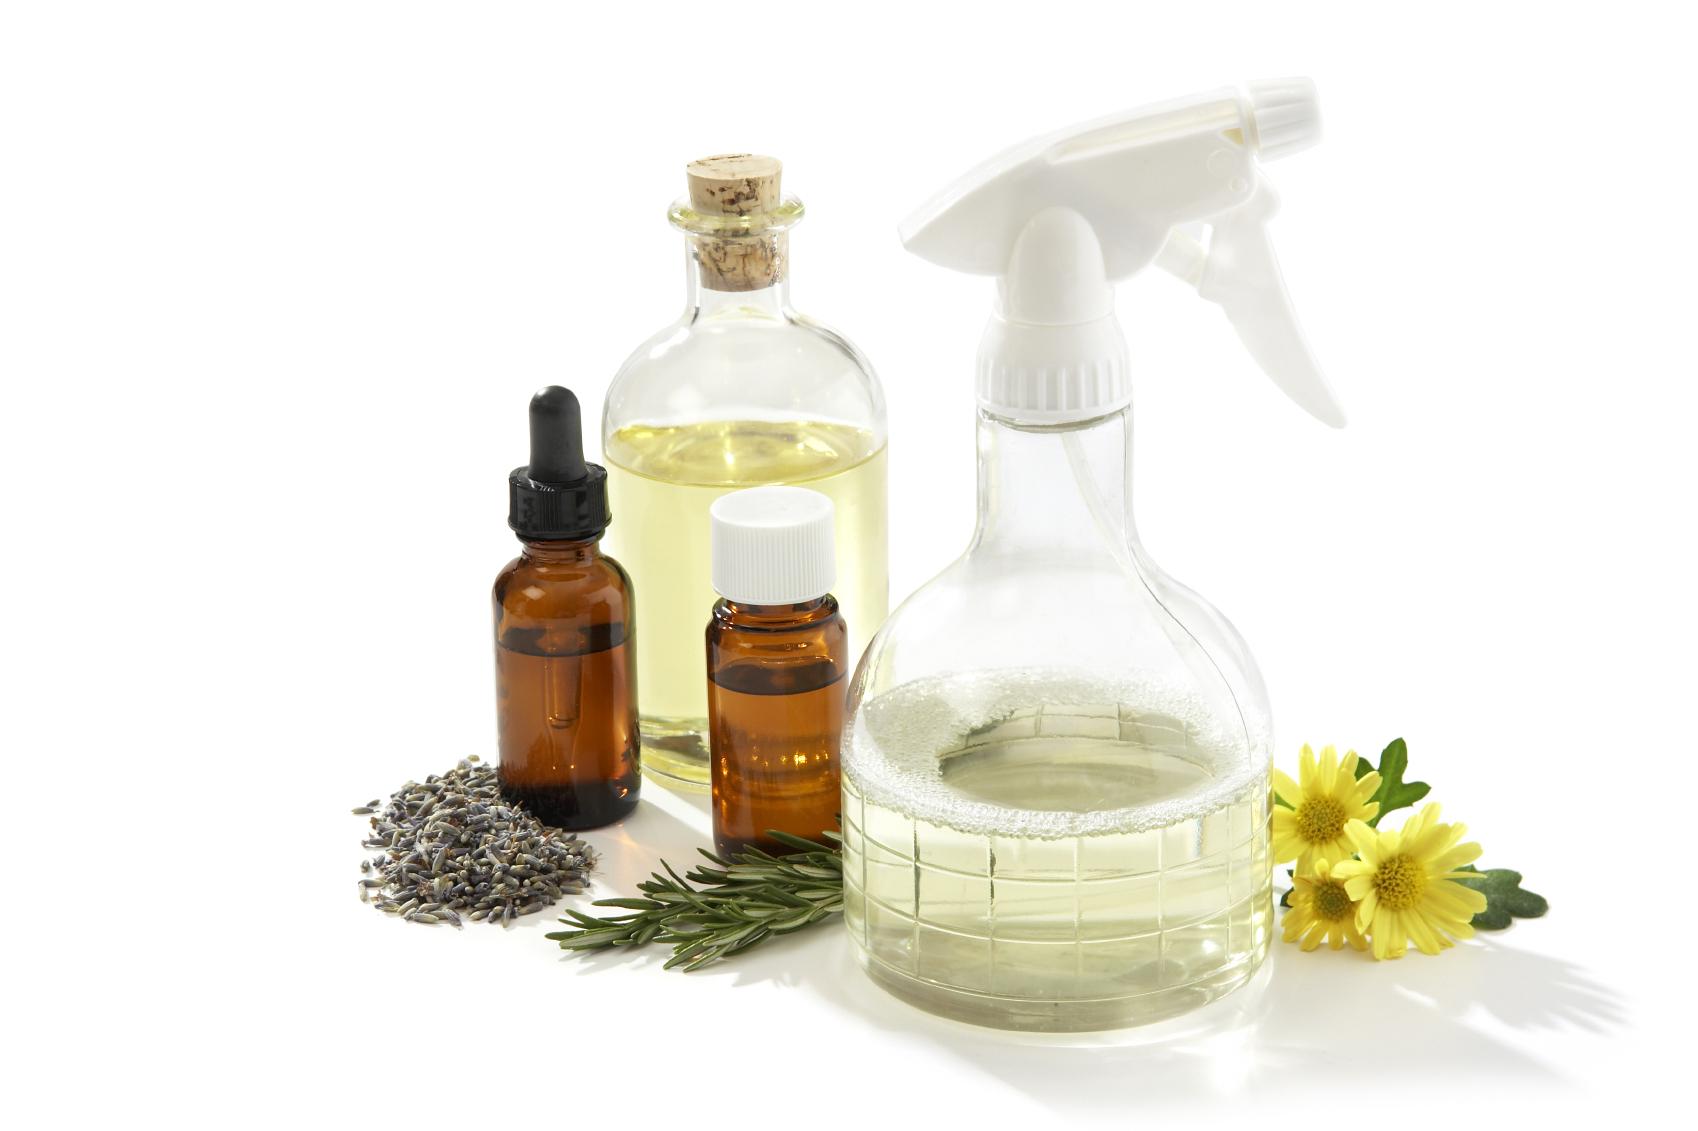 productos de limpieza ecoligicos